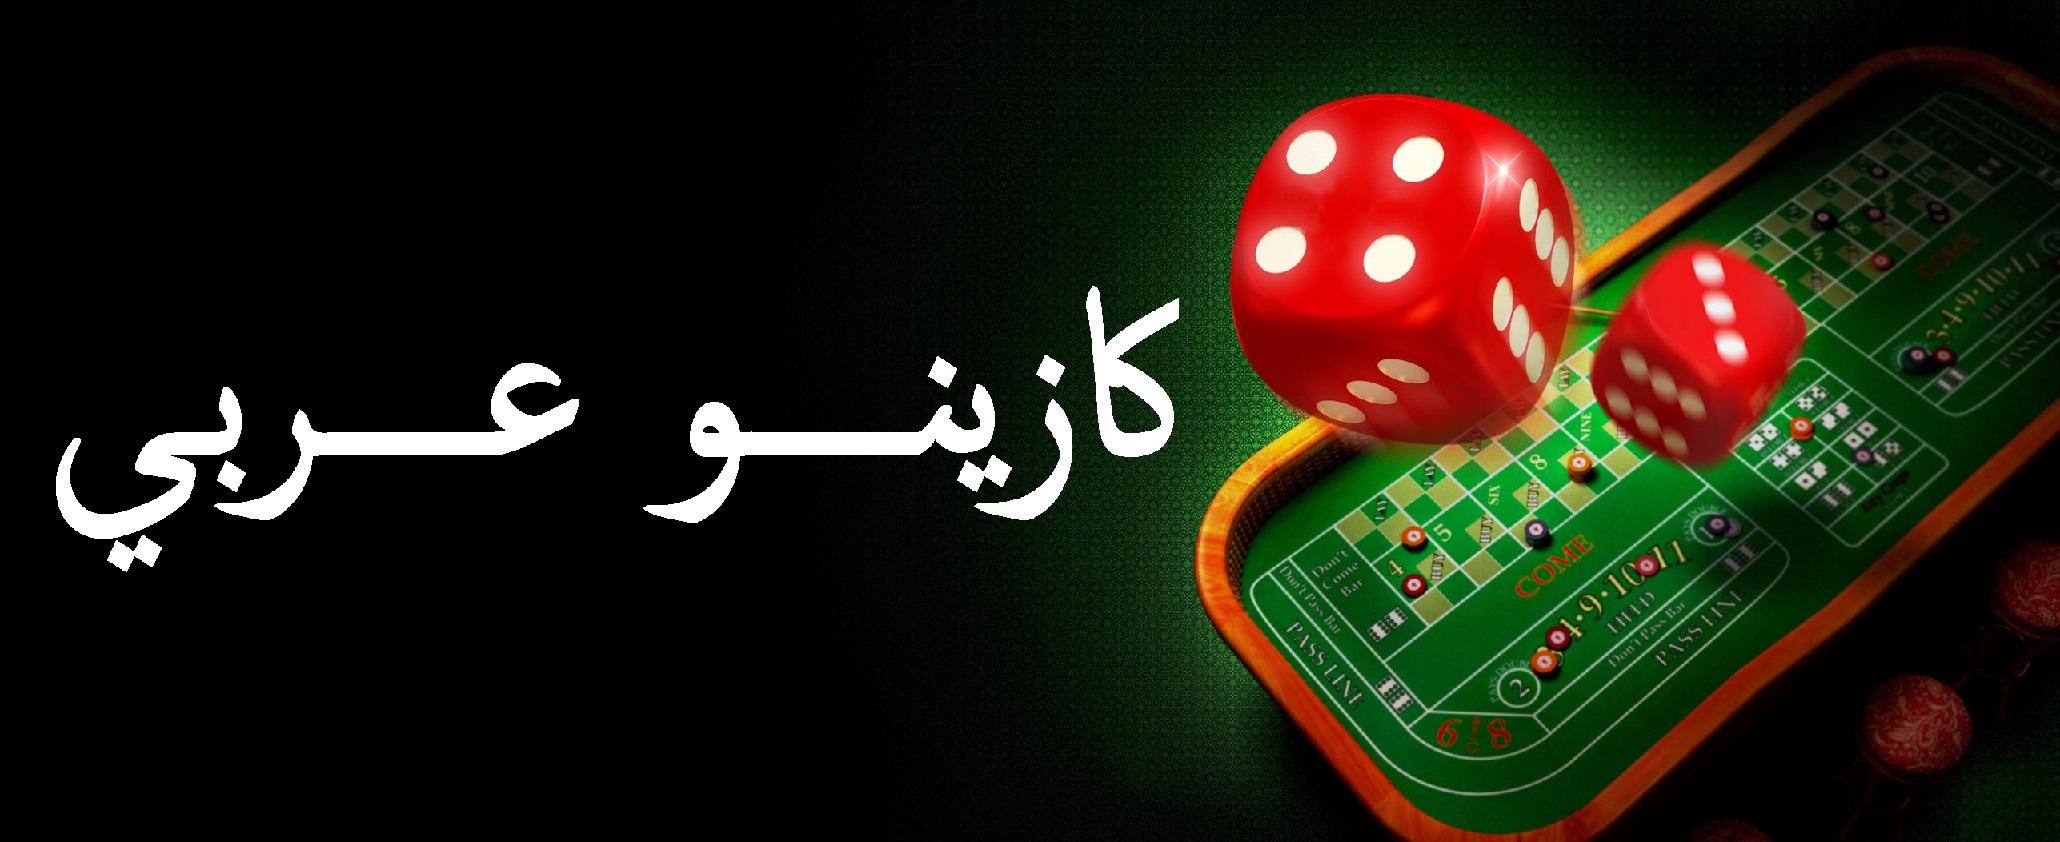 العاب تعطي 979212